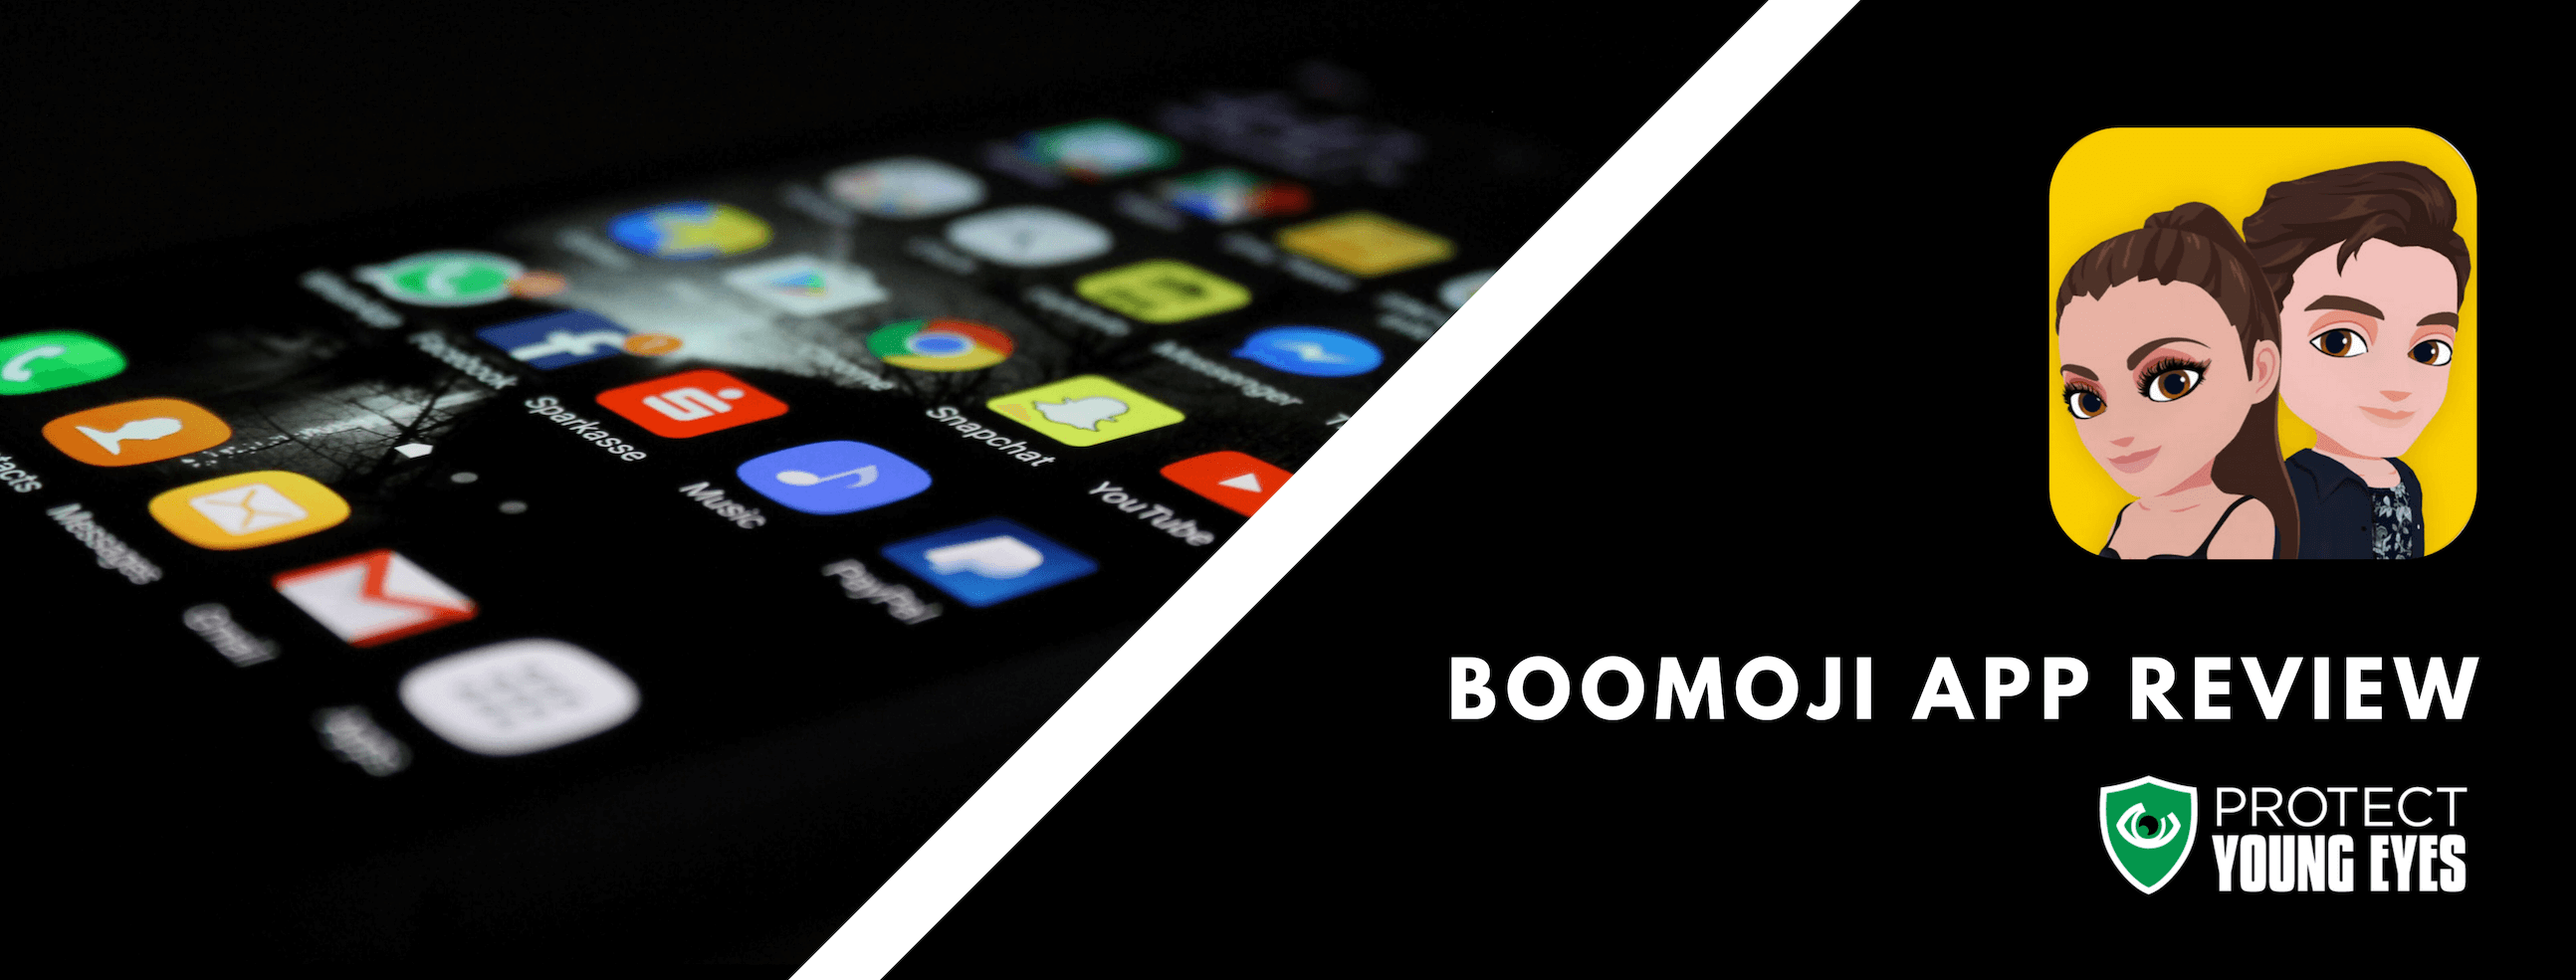 Boomoji App Profile for Parents